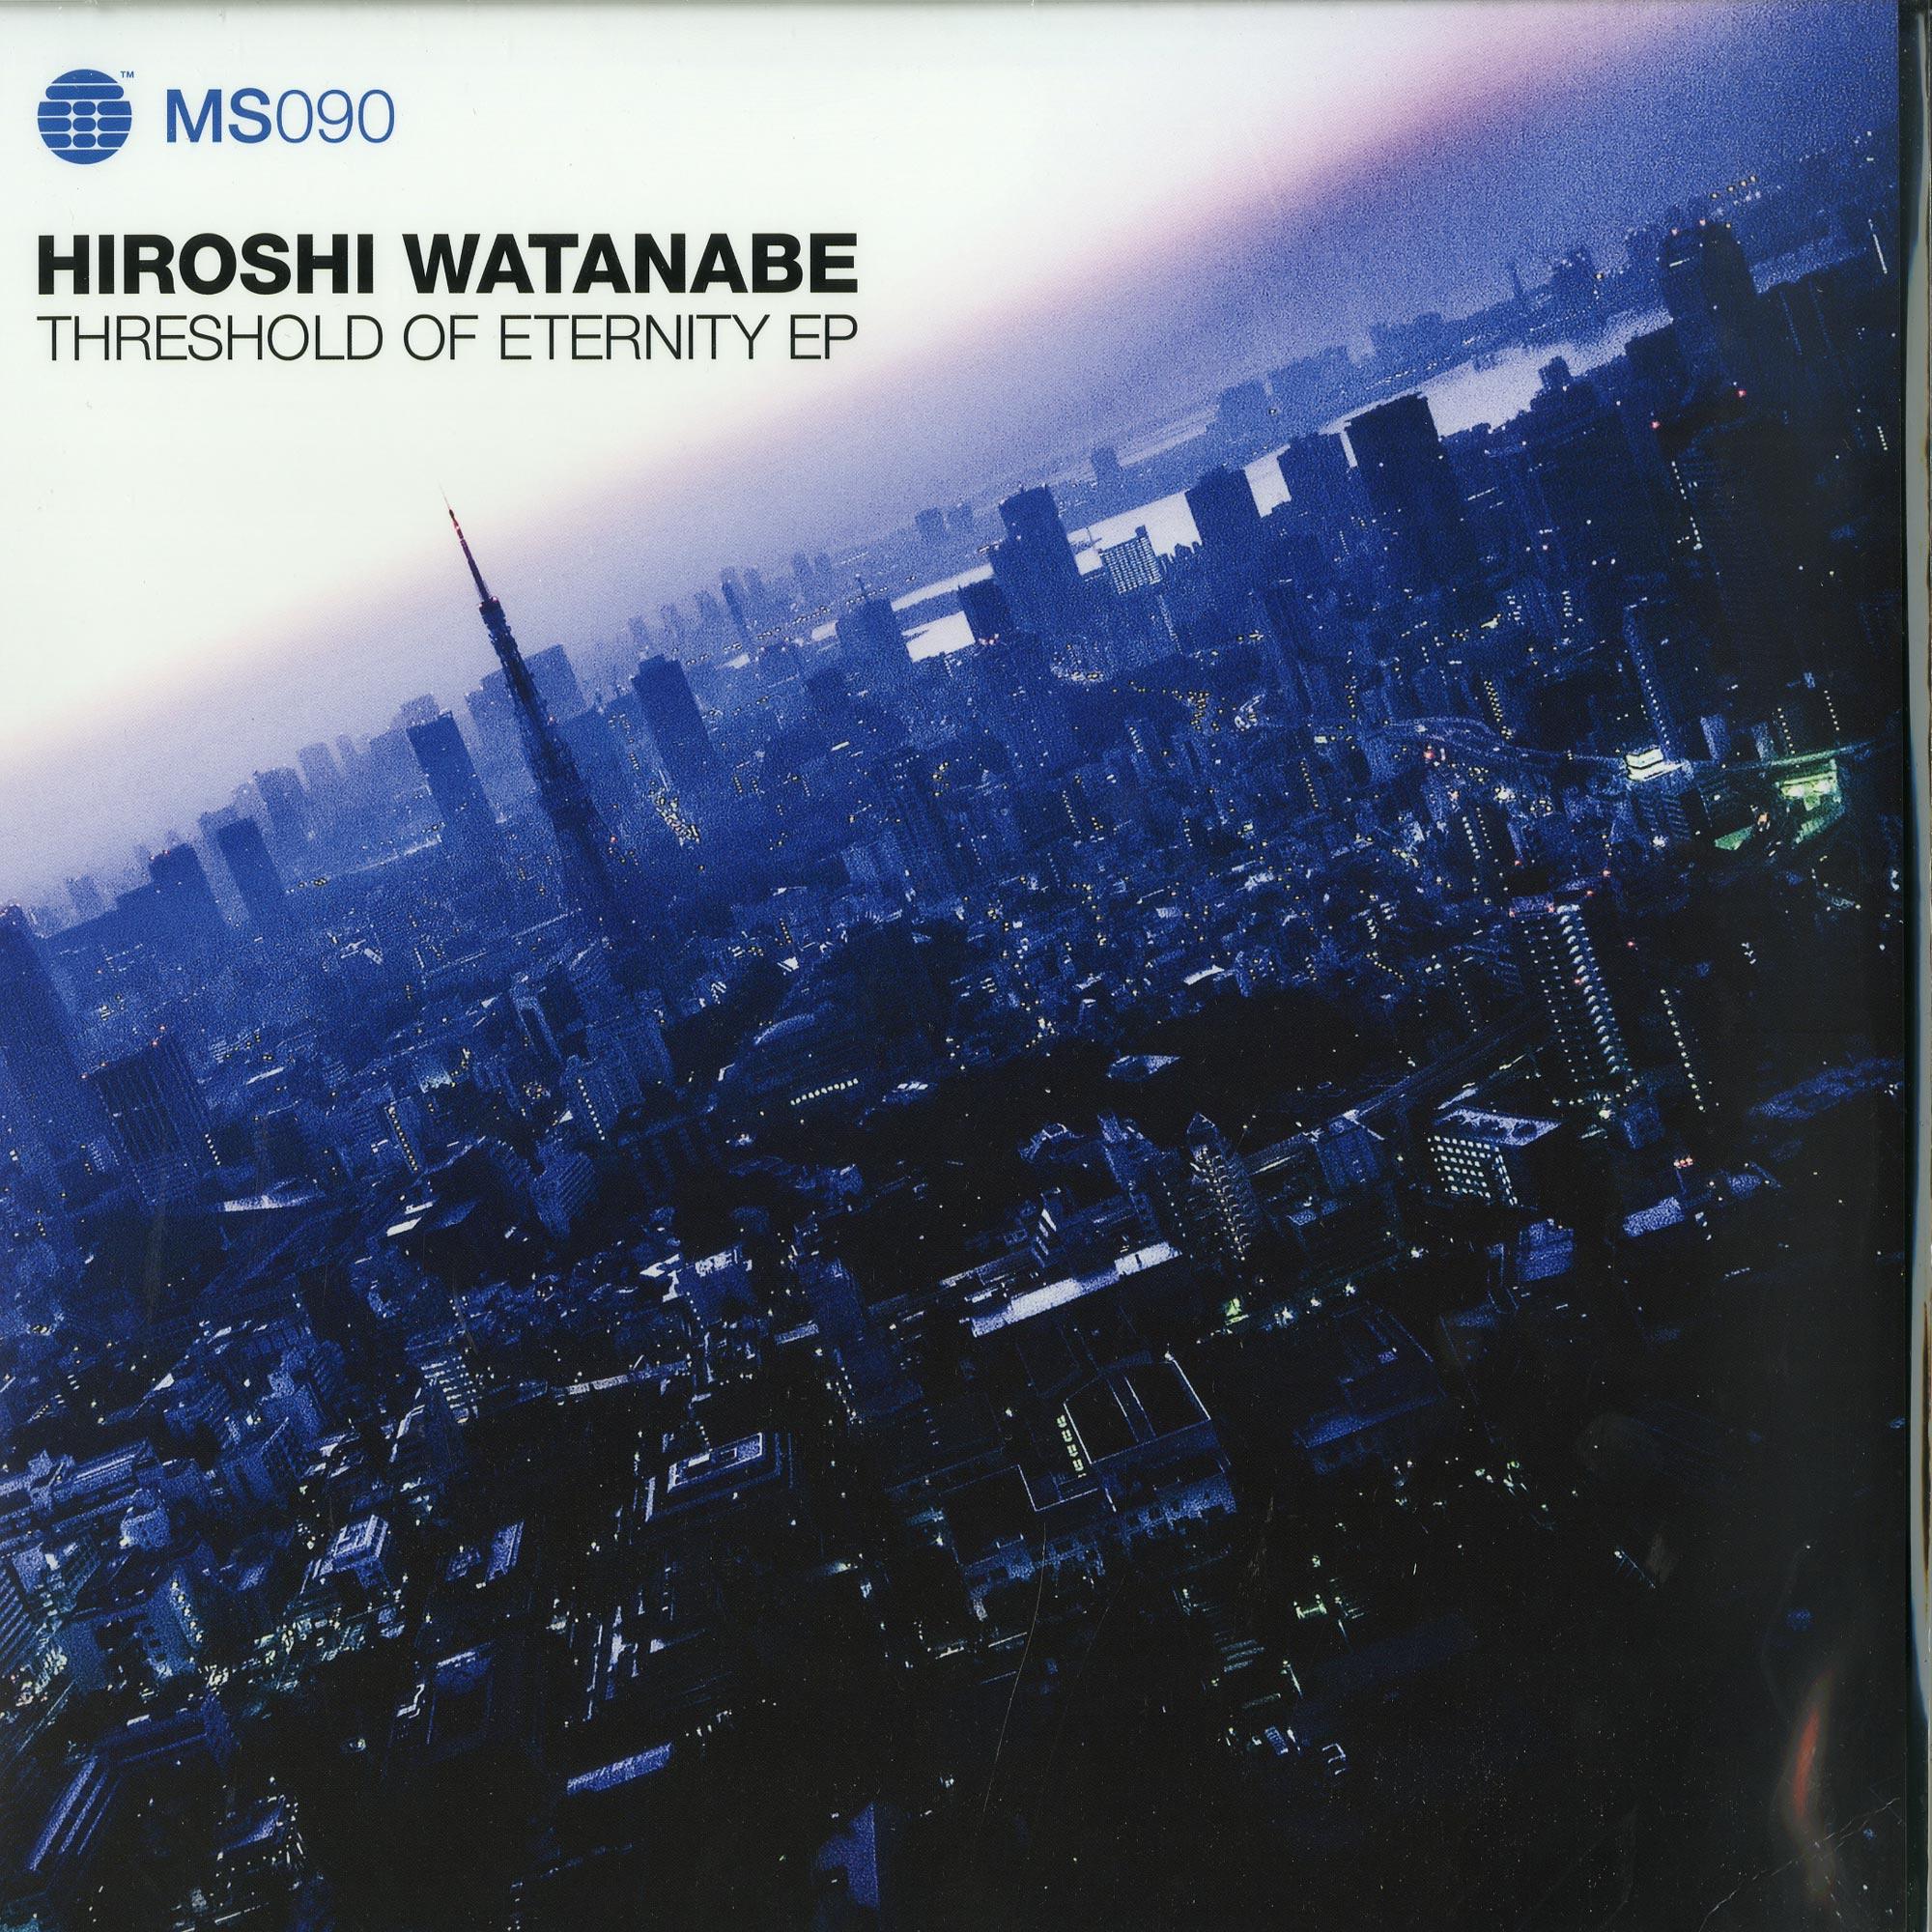 Hiroshi Watanabe - THRESHOLD OF ETERNITY